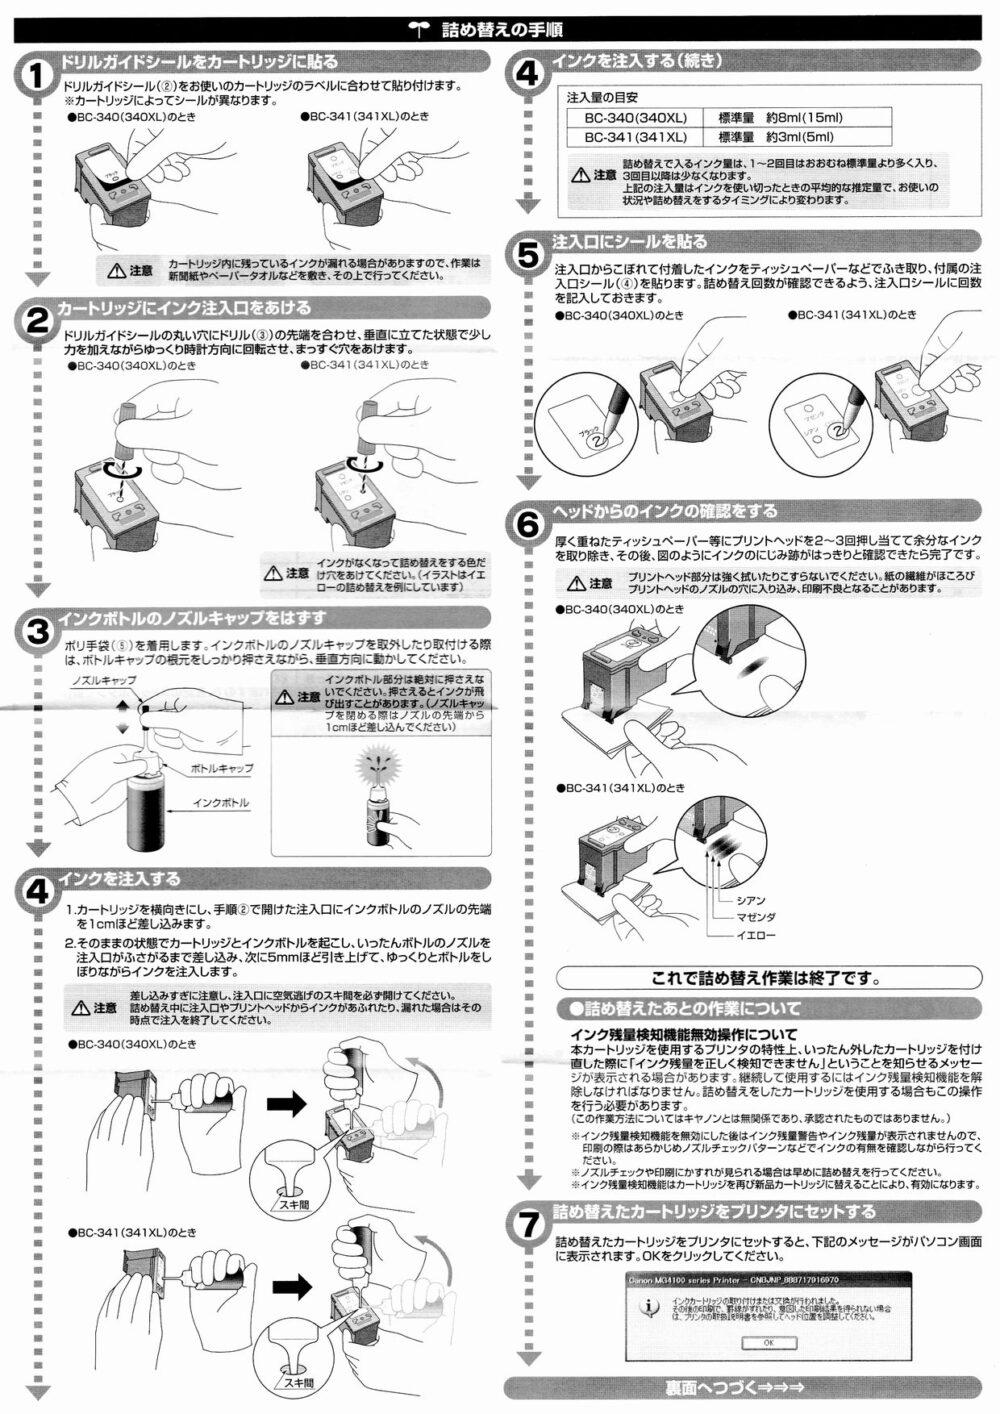 詰め替えインク取扱説明書 1